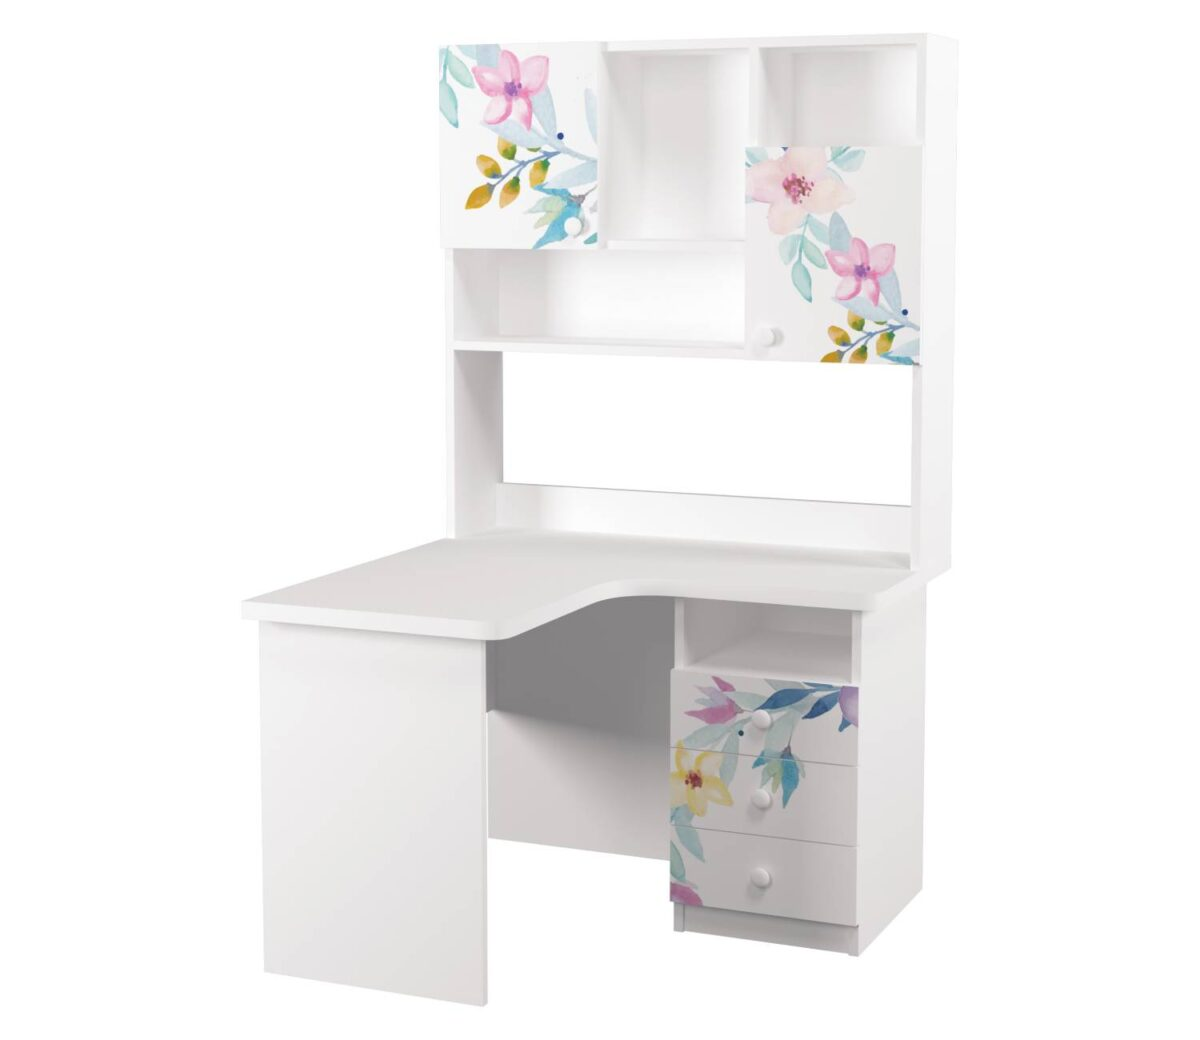 угловой письменный стол с надстройкой цветы левый угол